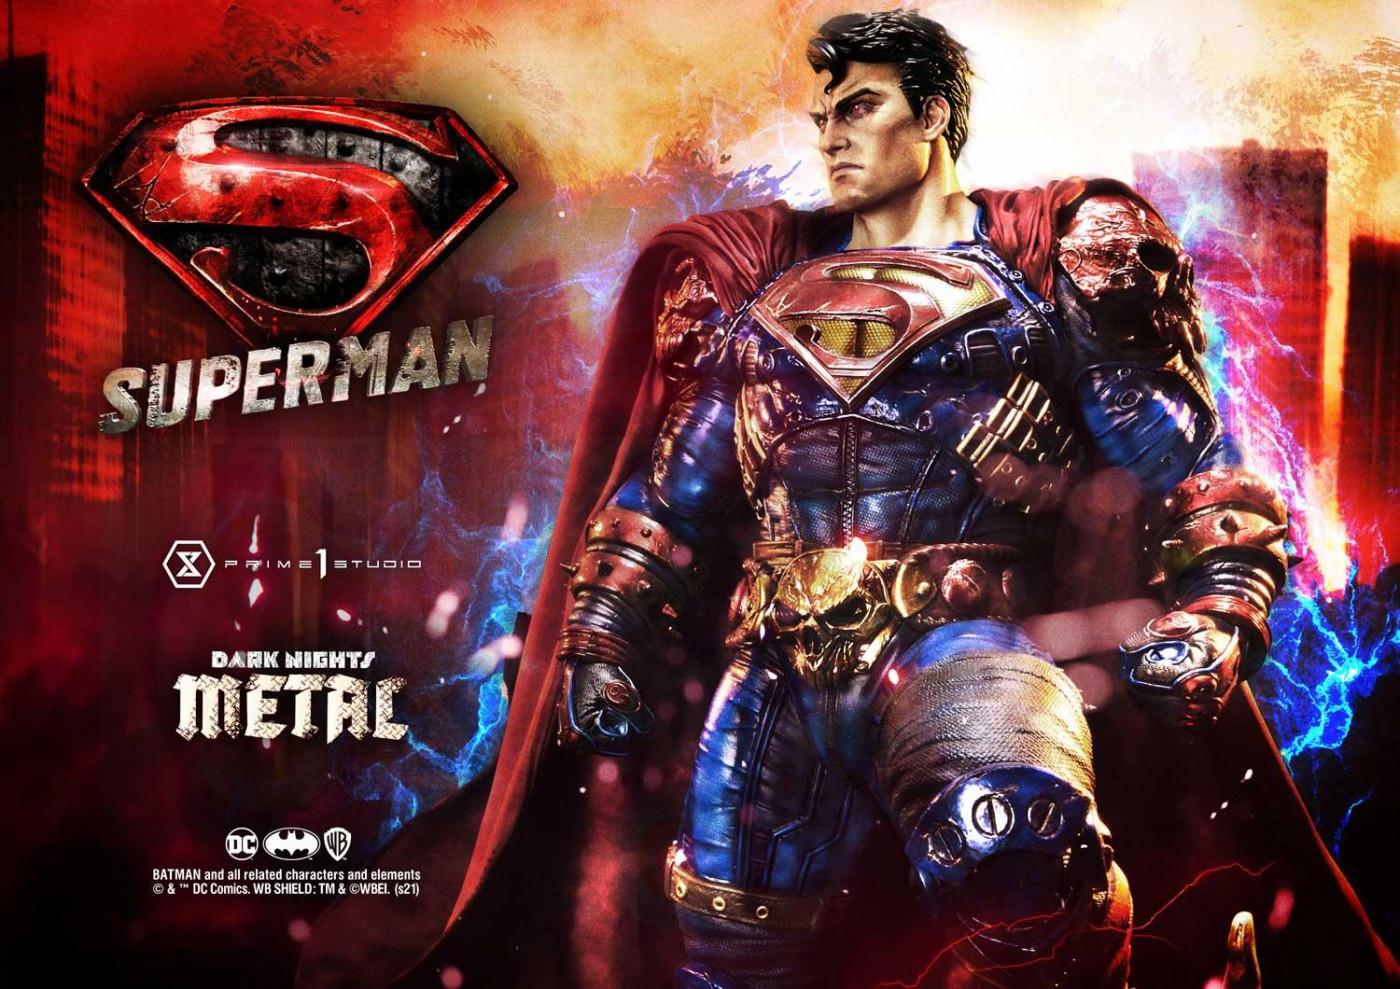 ミュージアムマスターライン ダークナイツ:メタル スーパーマン